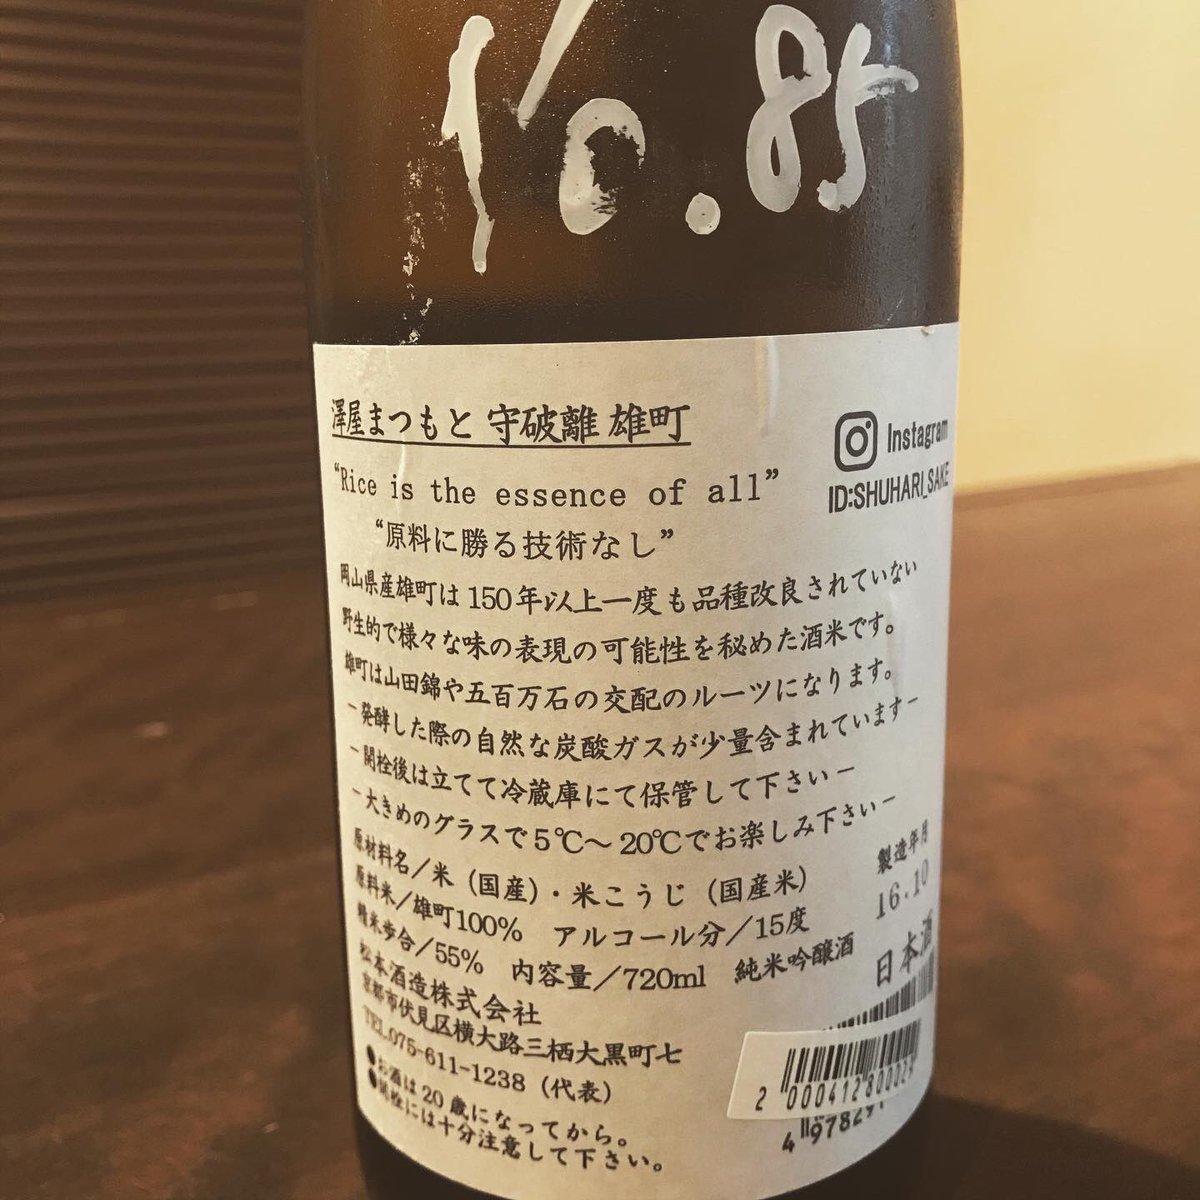 test ツイッターメディア - 5月中の平日は、17〜22時閉店とさせていただきますので どうぞよろしくお願いいたします。  京都市伏見区 松本酒造さん 「澤屋 まつもと 守破離」雄町 フレッシュな食中酒。  埼玉県羽生市 南陽醸造さん 「花陽浴」純米吟醸 無濾過生原酒 備前雄町 控えめな甘さとスッキリ感のあるお酒。  #オマチスト https://t.co/HQ5CKGxicK